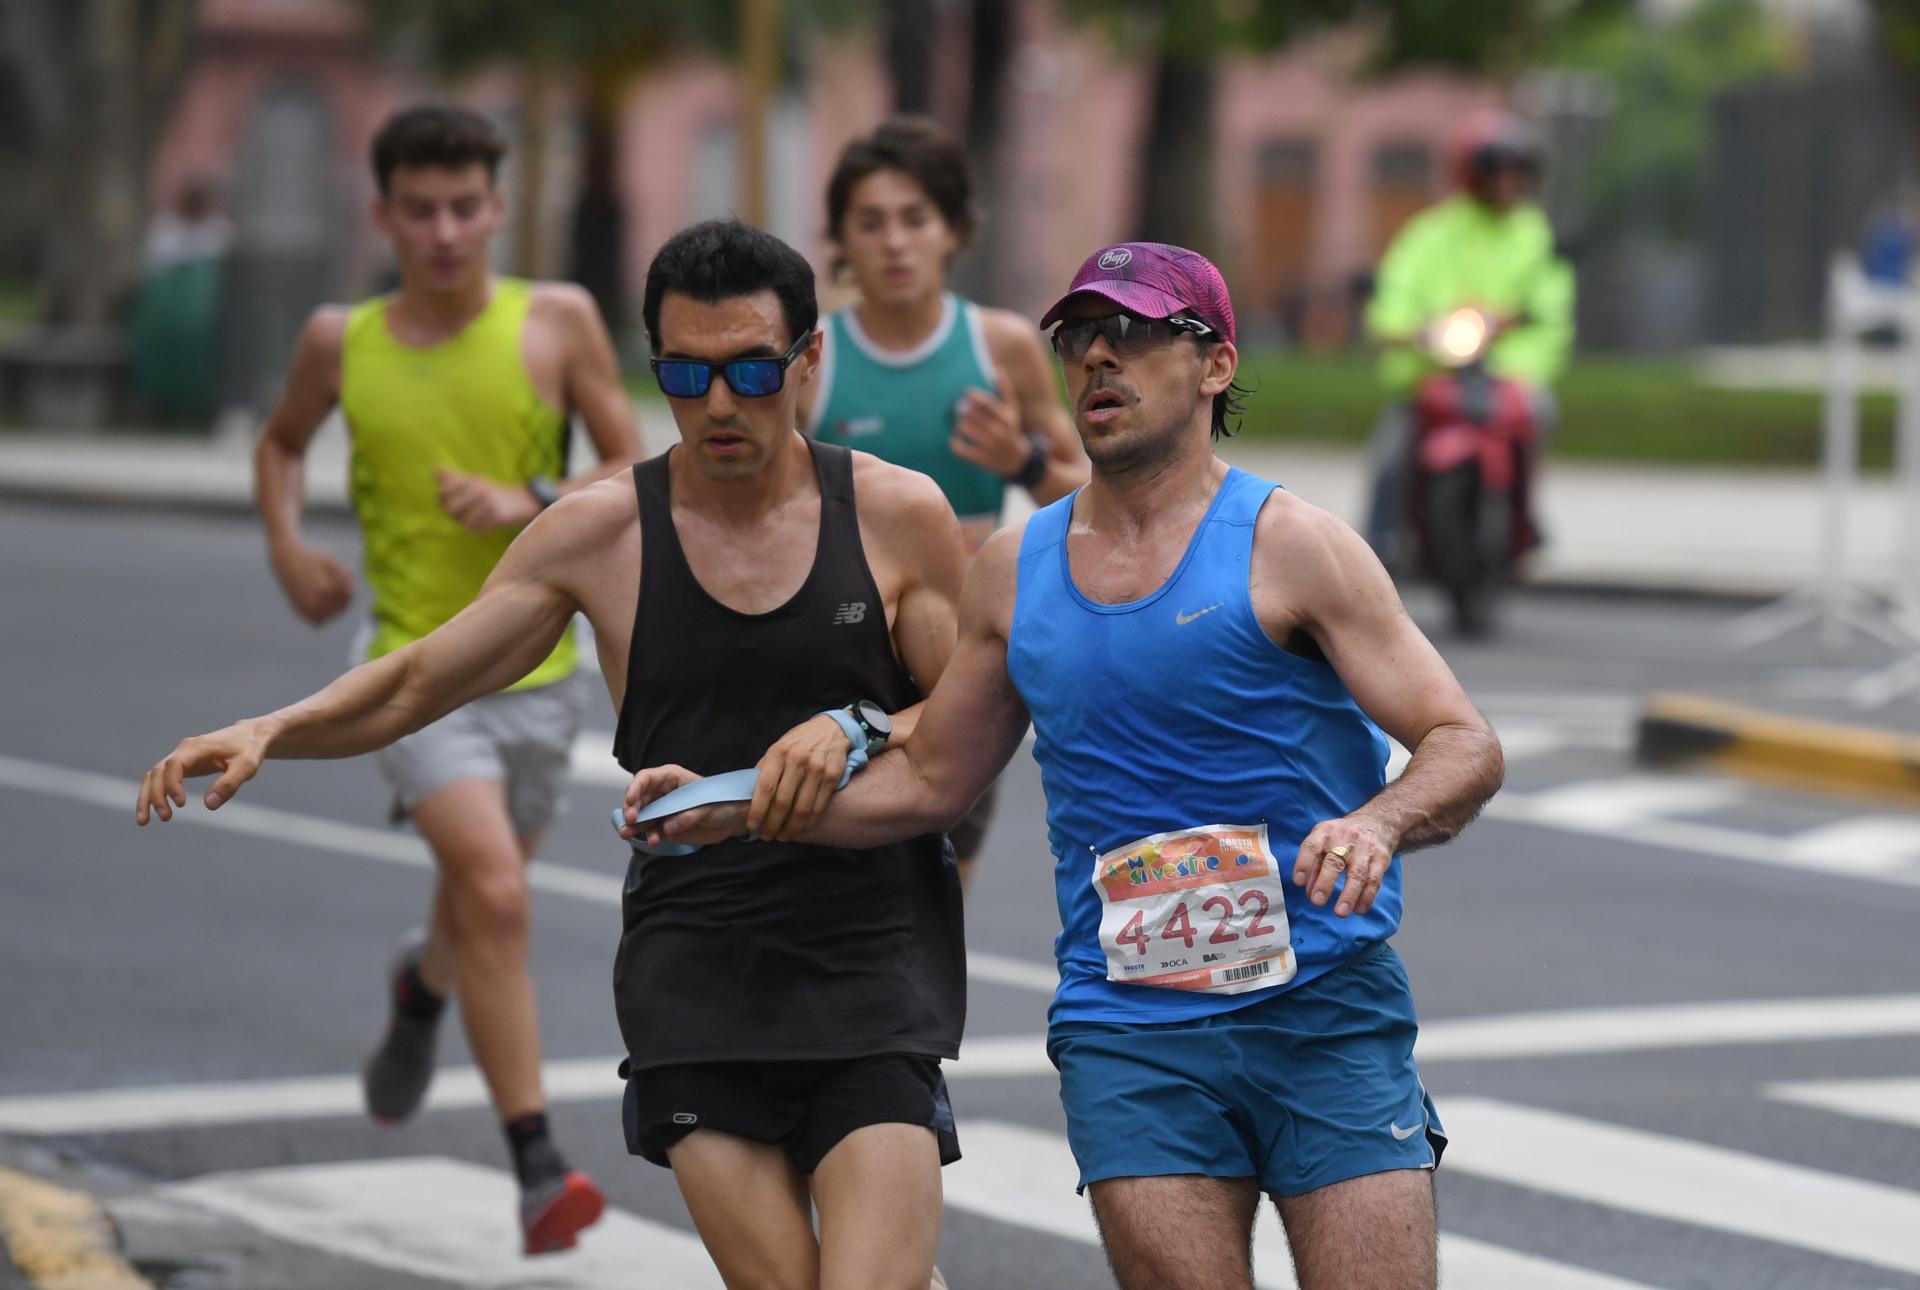 El conmovedor esfuerzos de los corredores en la mañana del 31/12 (Maximiliano Luna)